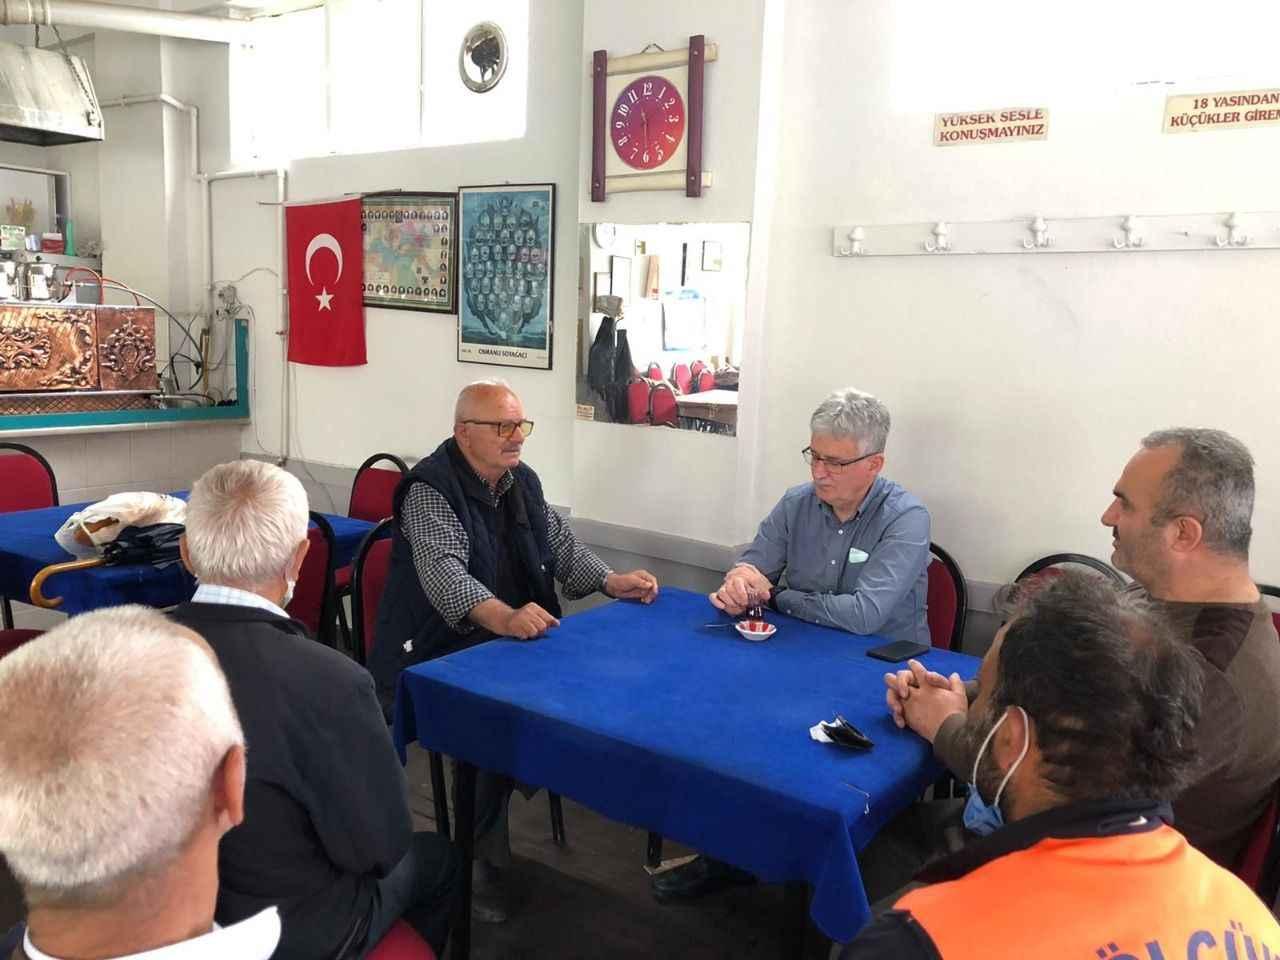 İlk çaylar Ellibeş'ten - Star Kocaeli Gazetesi